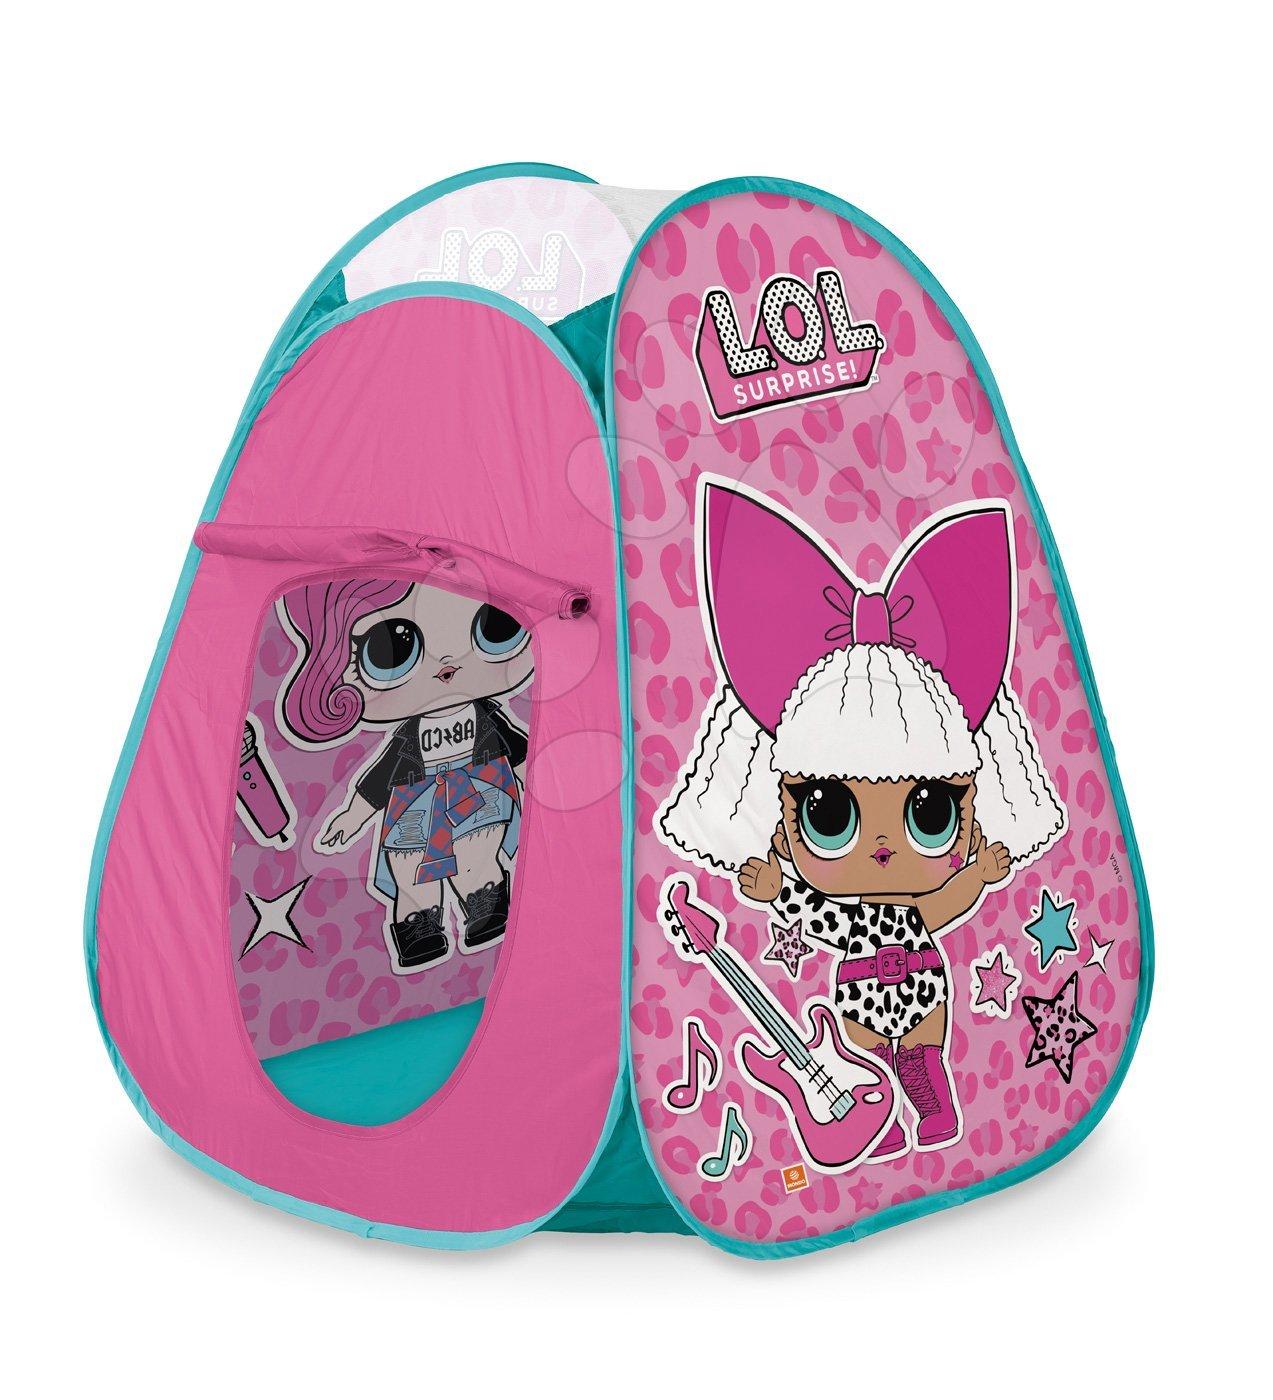 Šotor za otroke LOL Pop Up Mondo rožnati z okroglo torbico